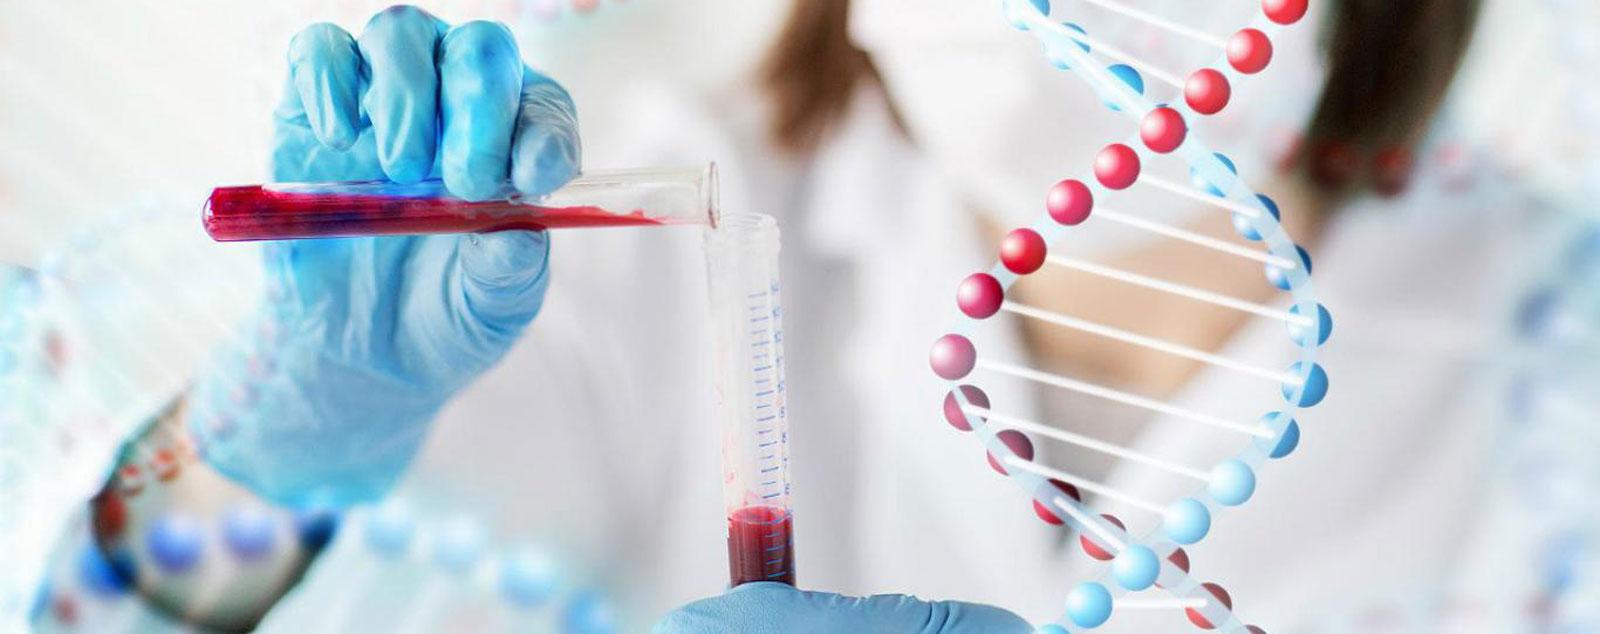 mesotelioma biopsia liquida tumore